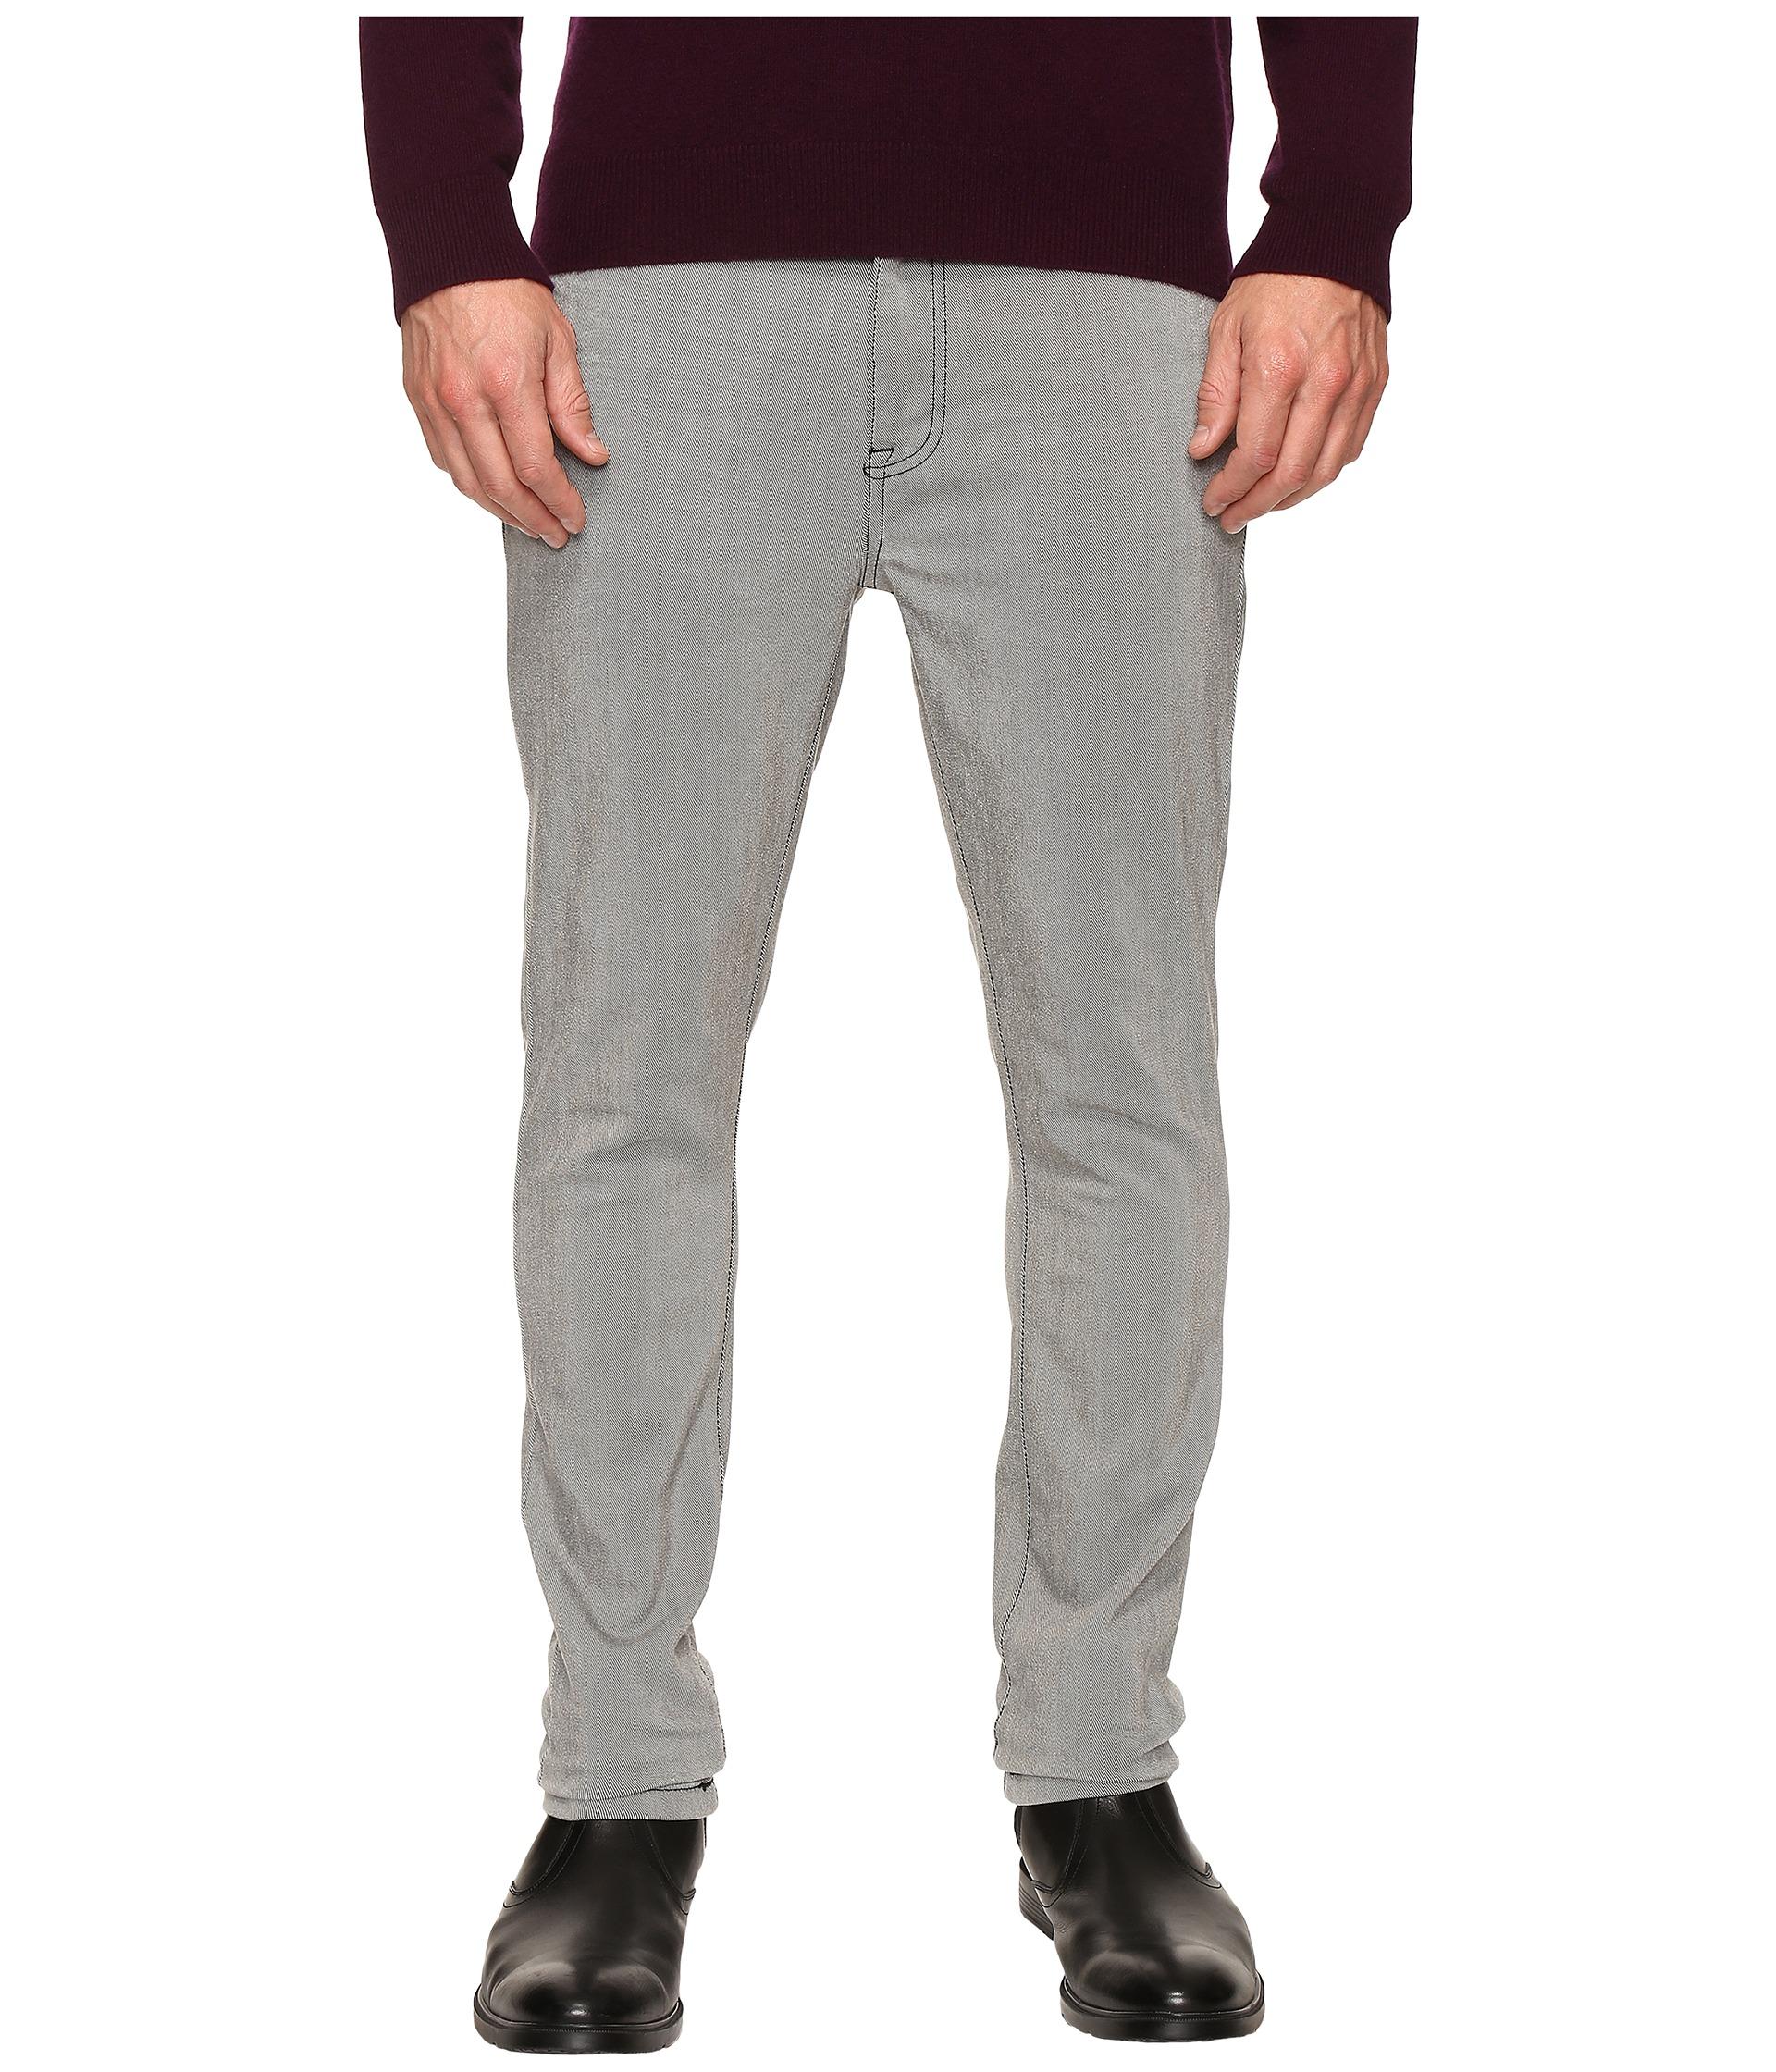 Jeans, Men at 6pm.com